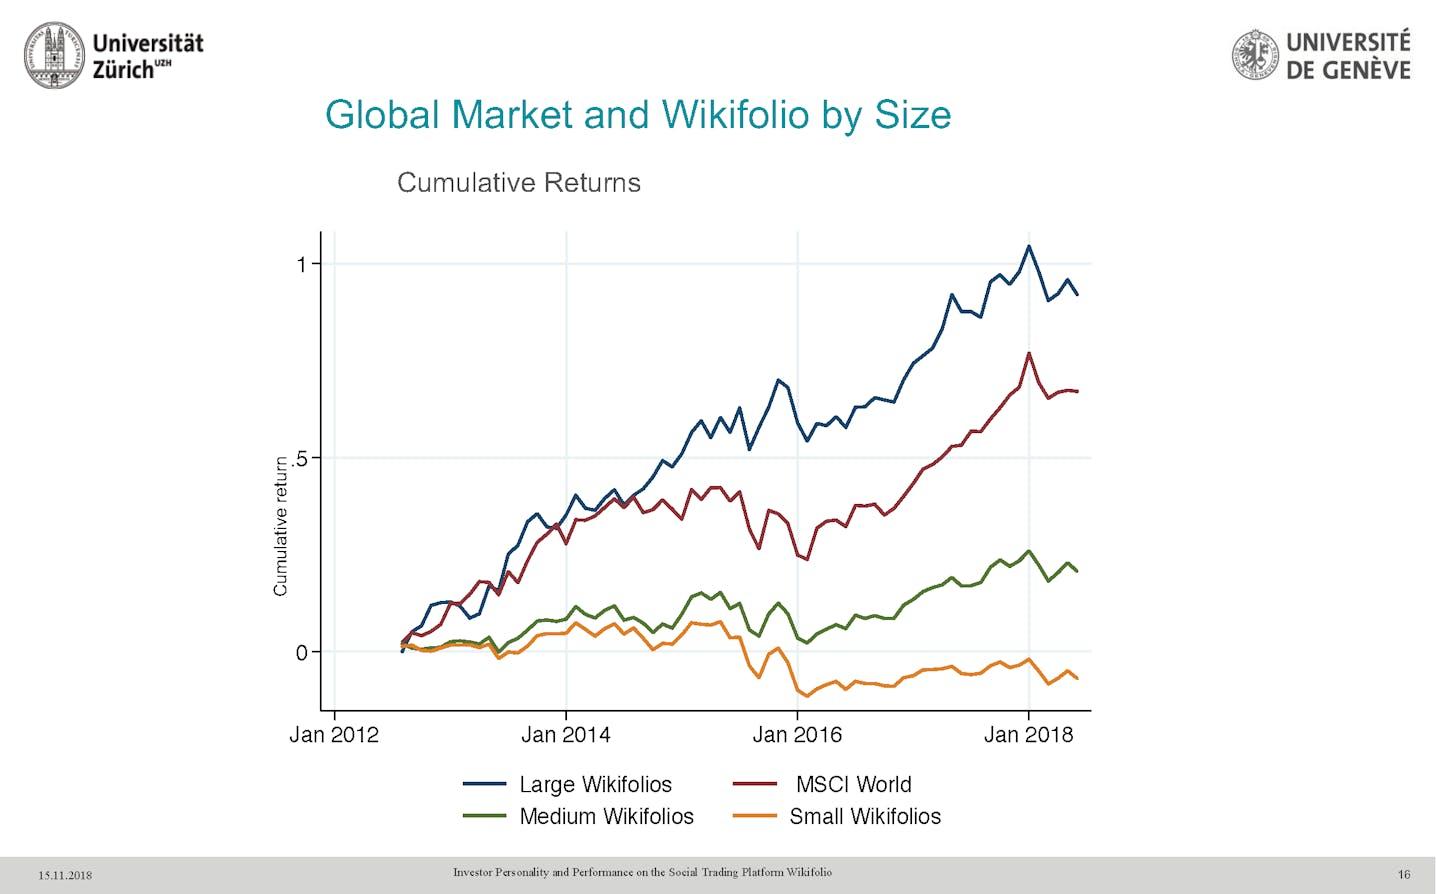 cumulative-returns-wikifolio-certificates-and-MSCI-world-index-comparison